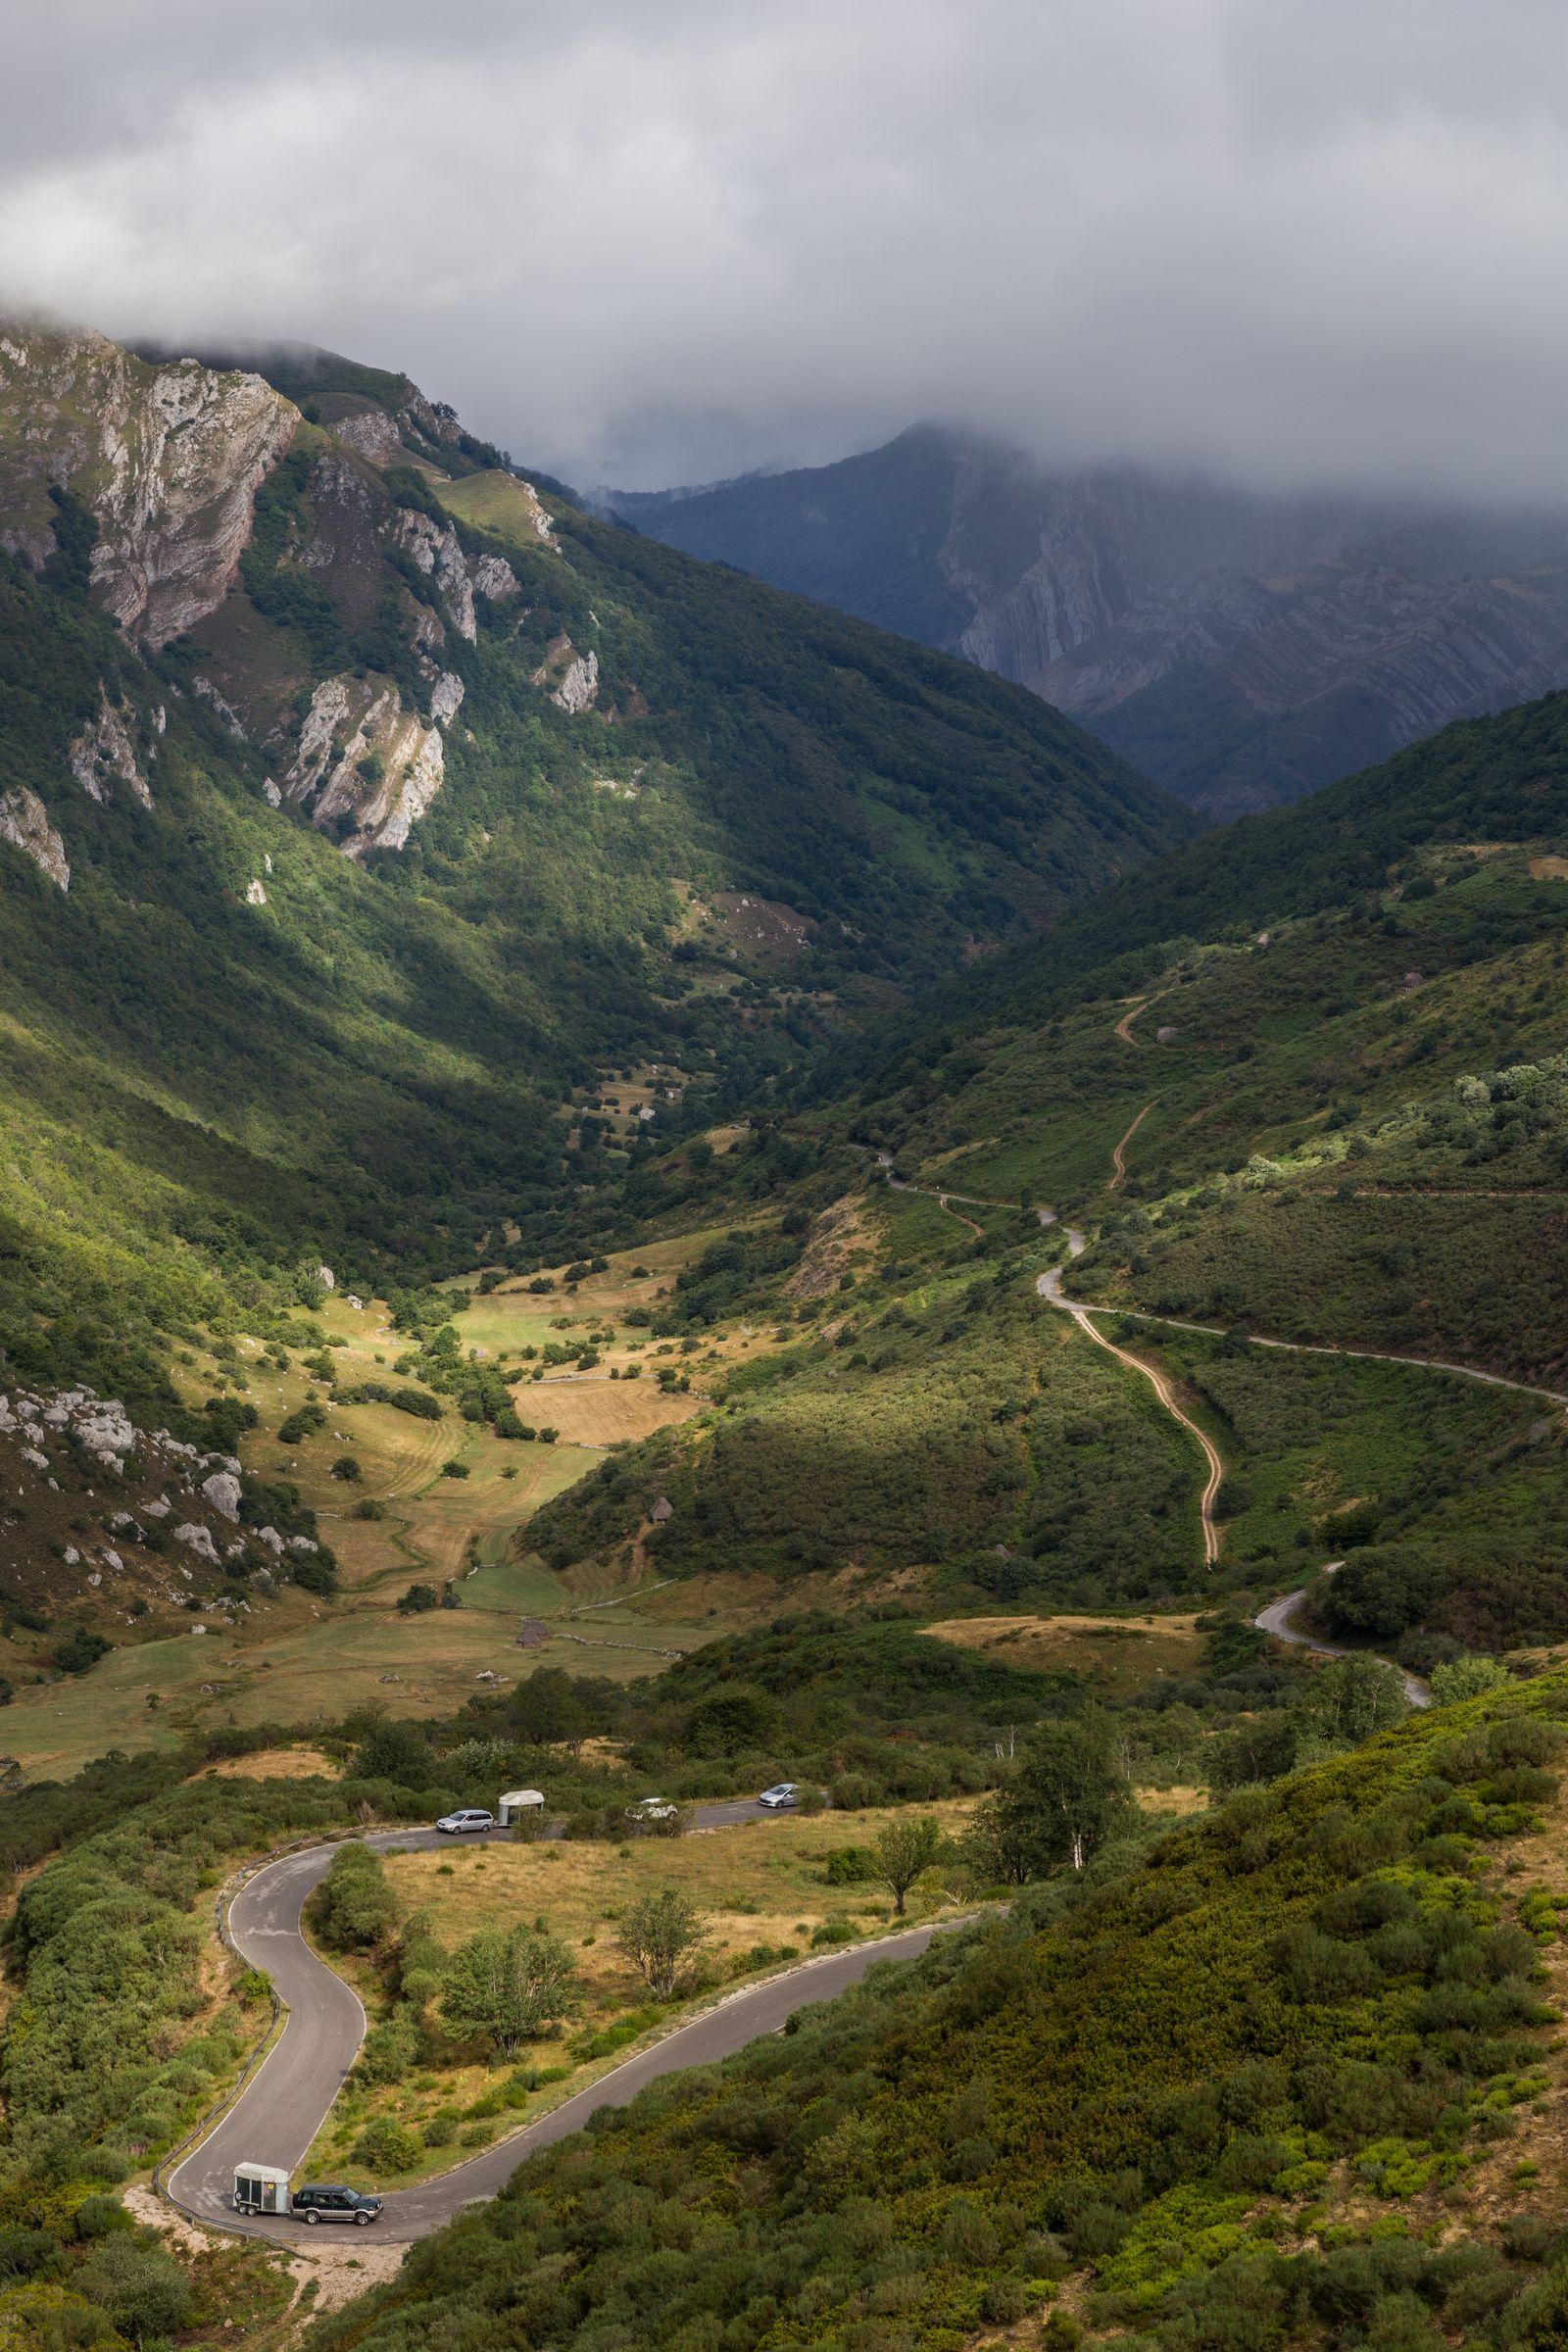 Seguimos con la mirada la carretera que nos ha traído hasta aquí